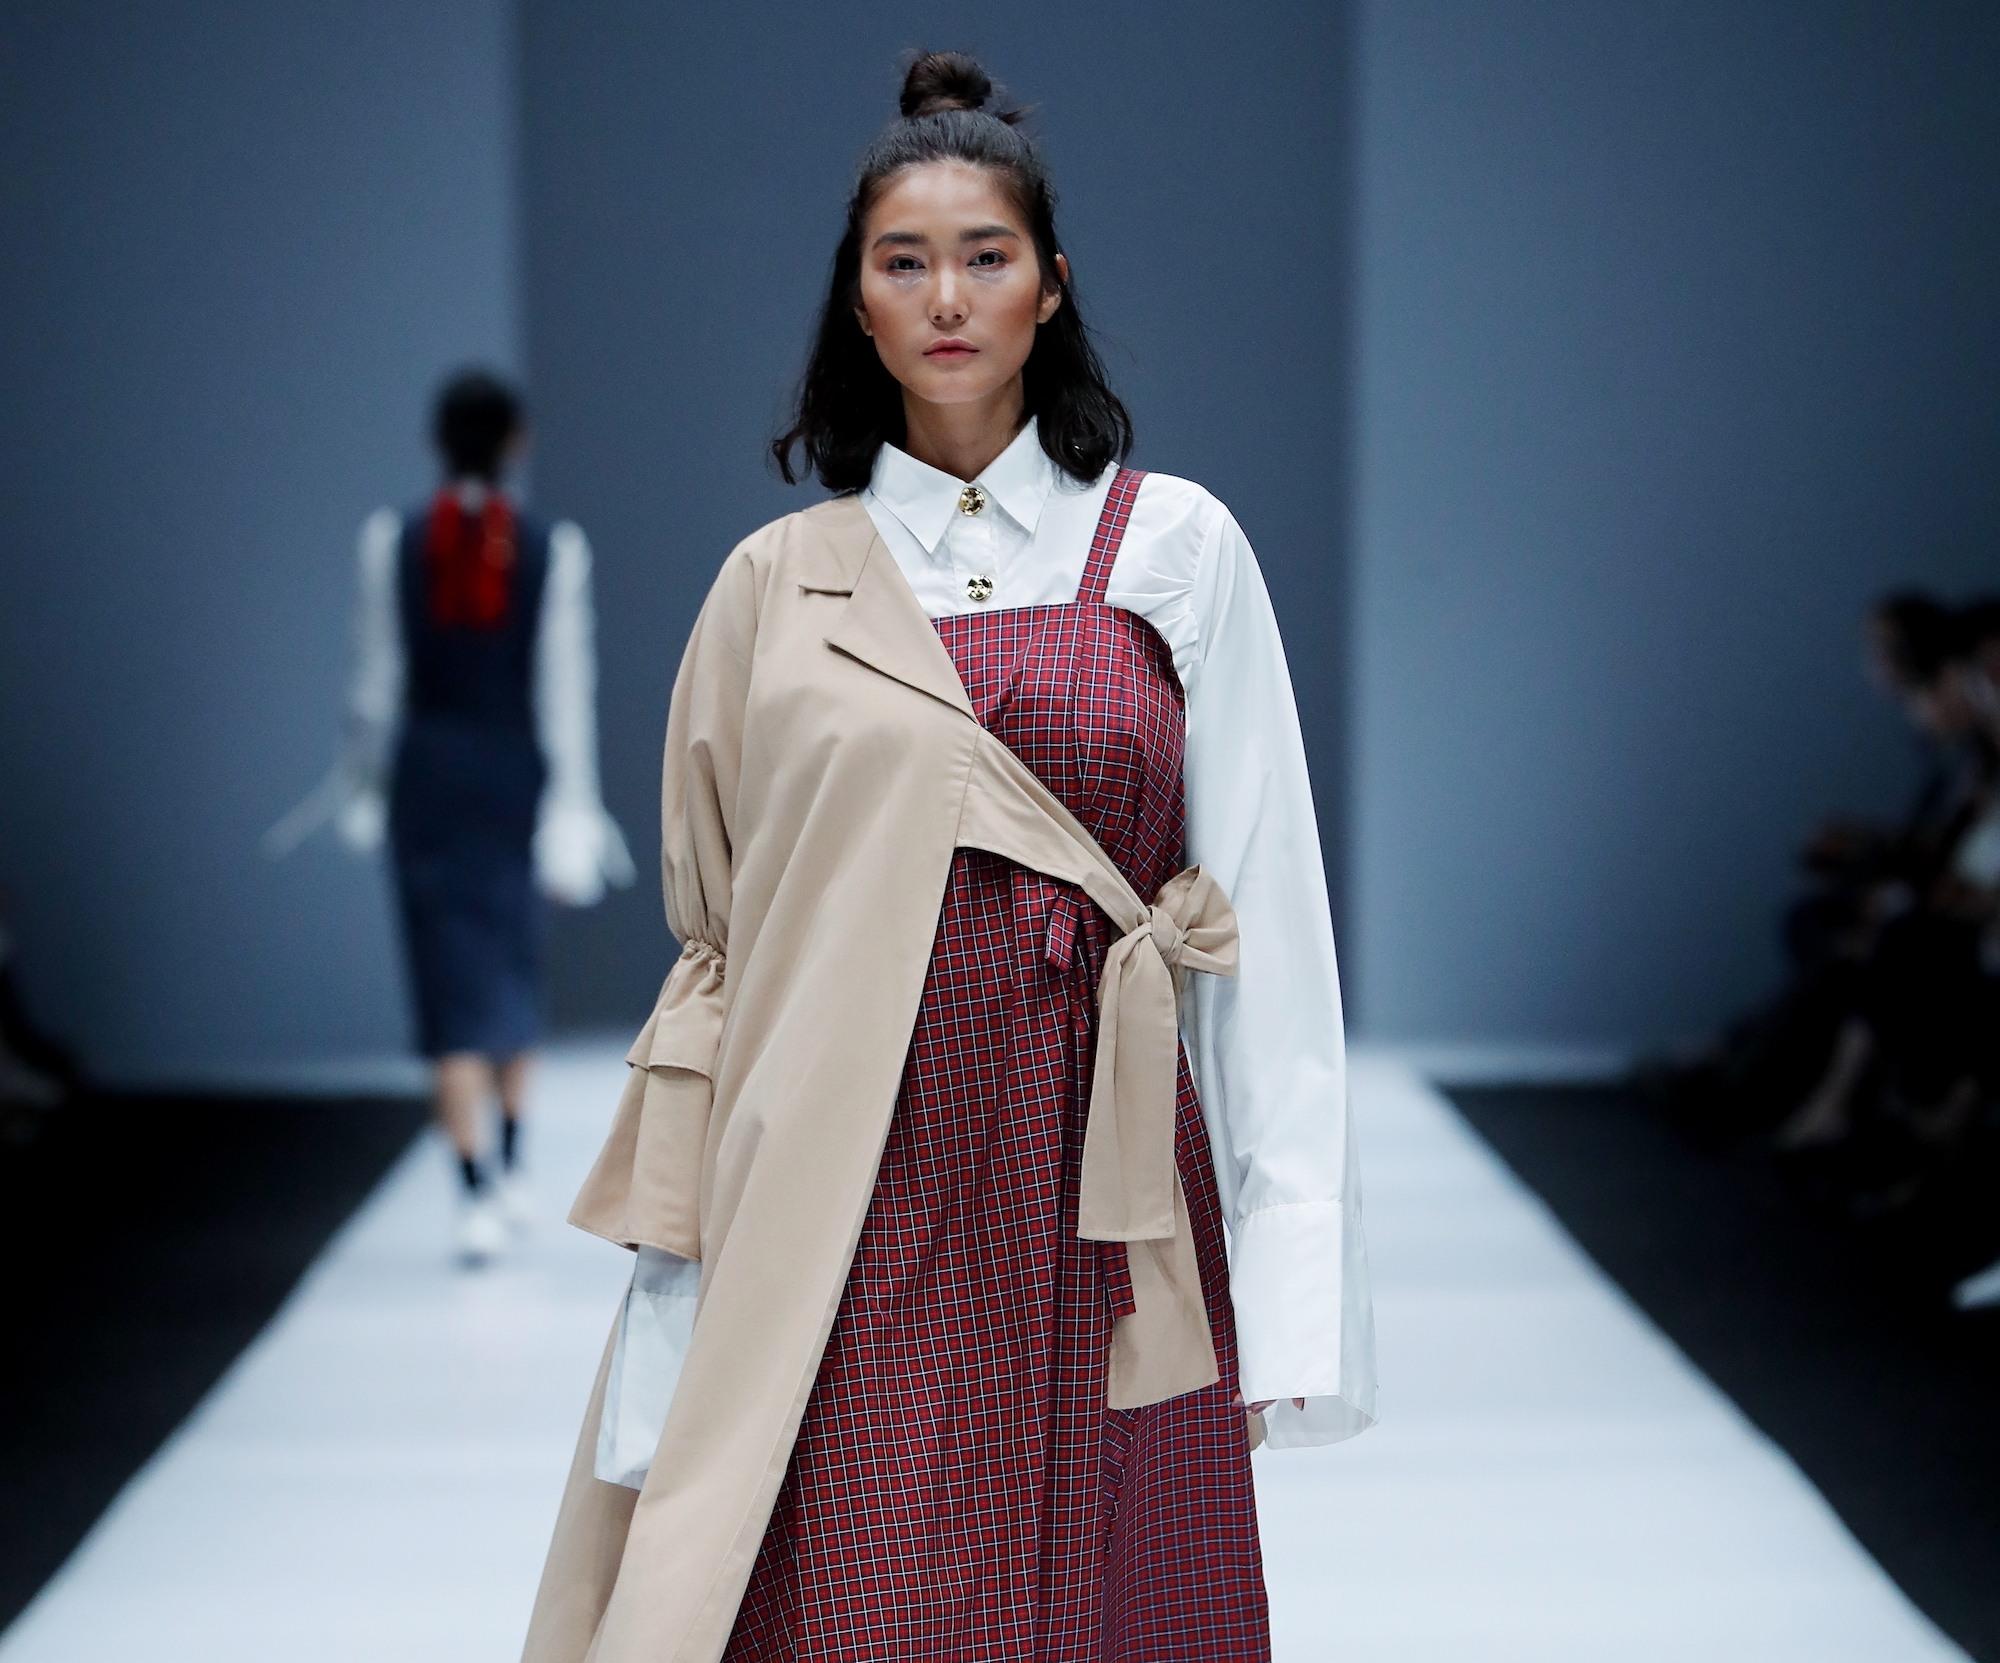 Wanita Asia dengan model rambut pendek a la korea half top knot